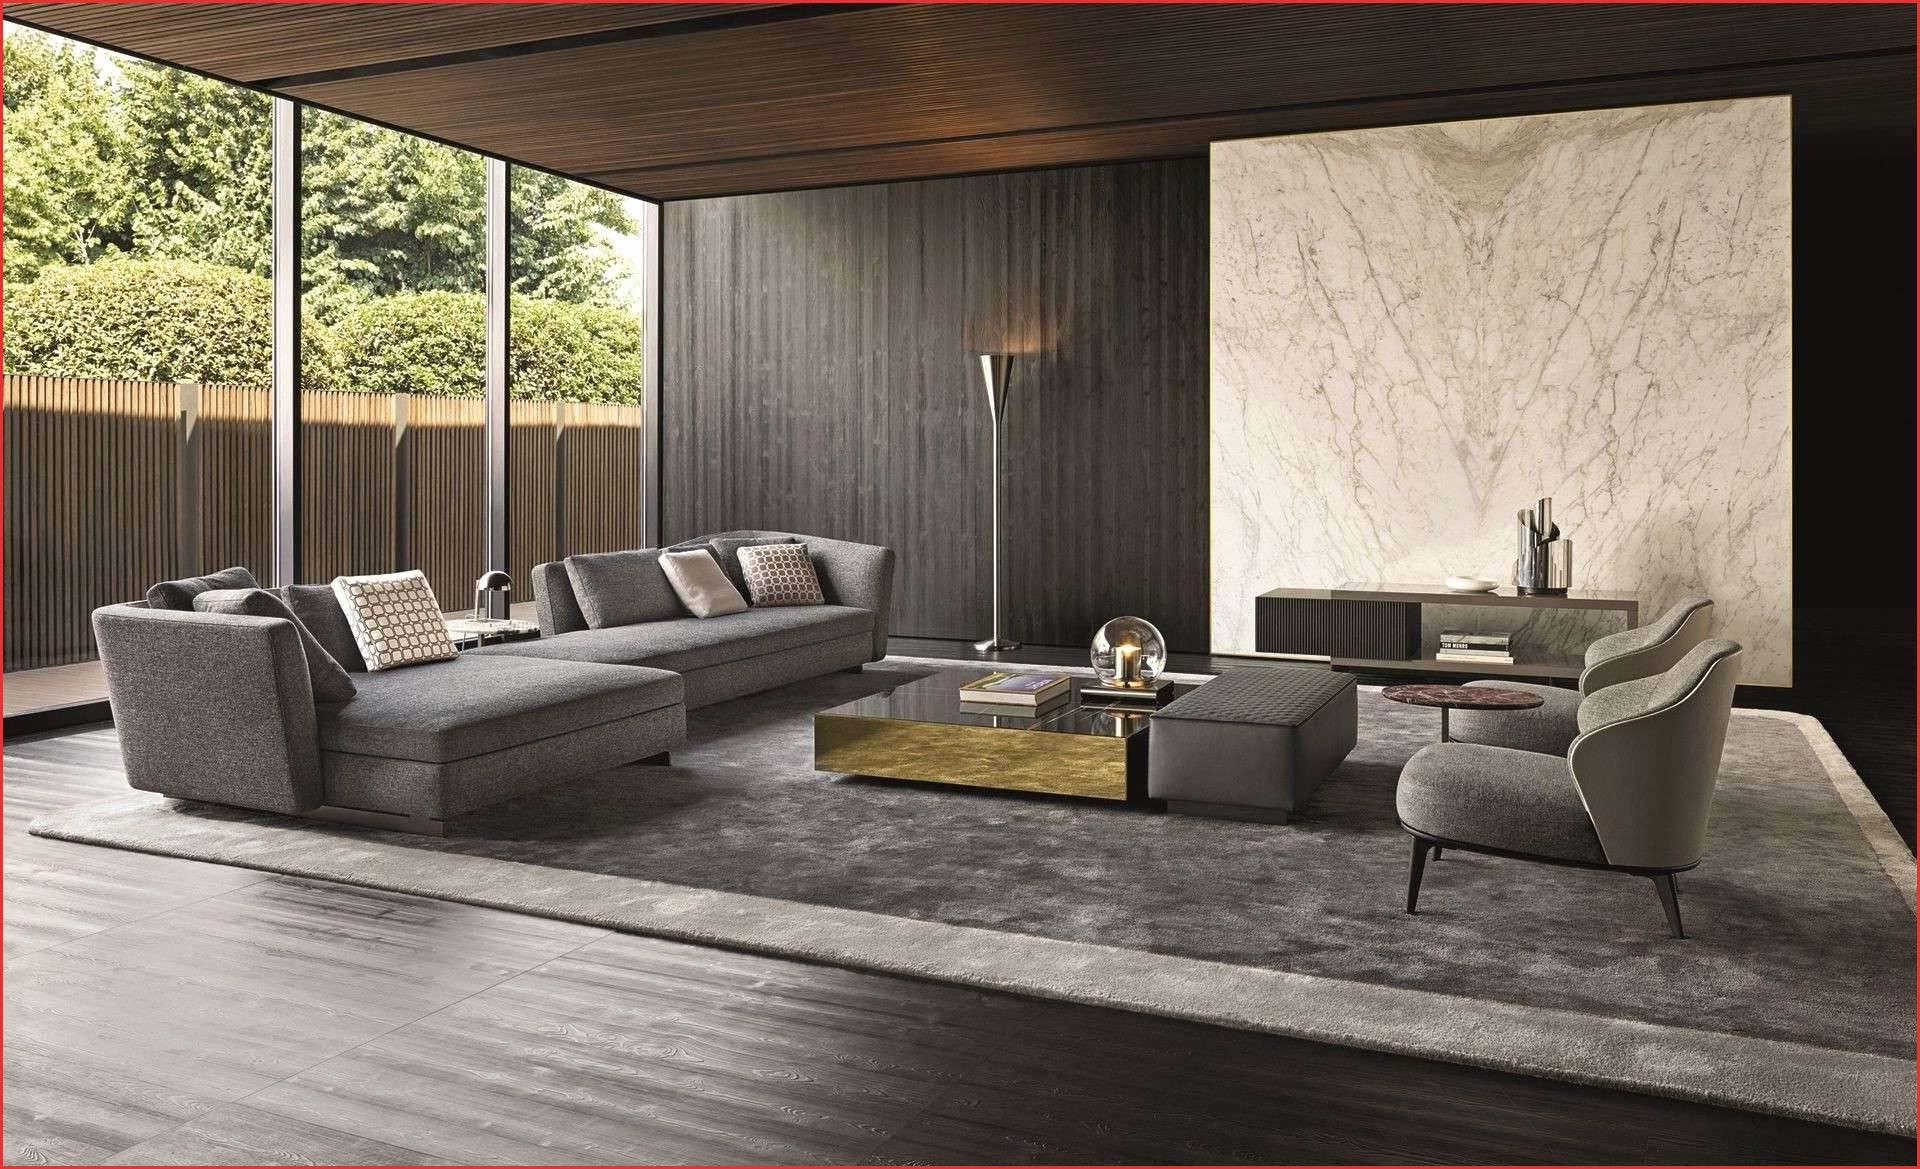 schon wohnzimmer deko landhaus ideen x3tkwhxp of sessel landhausstil